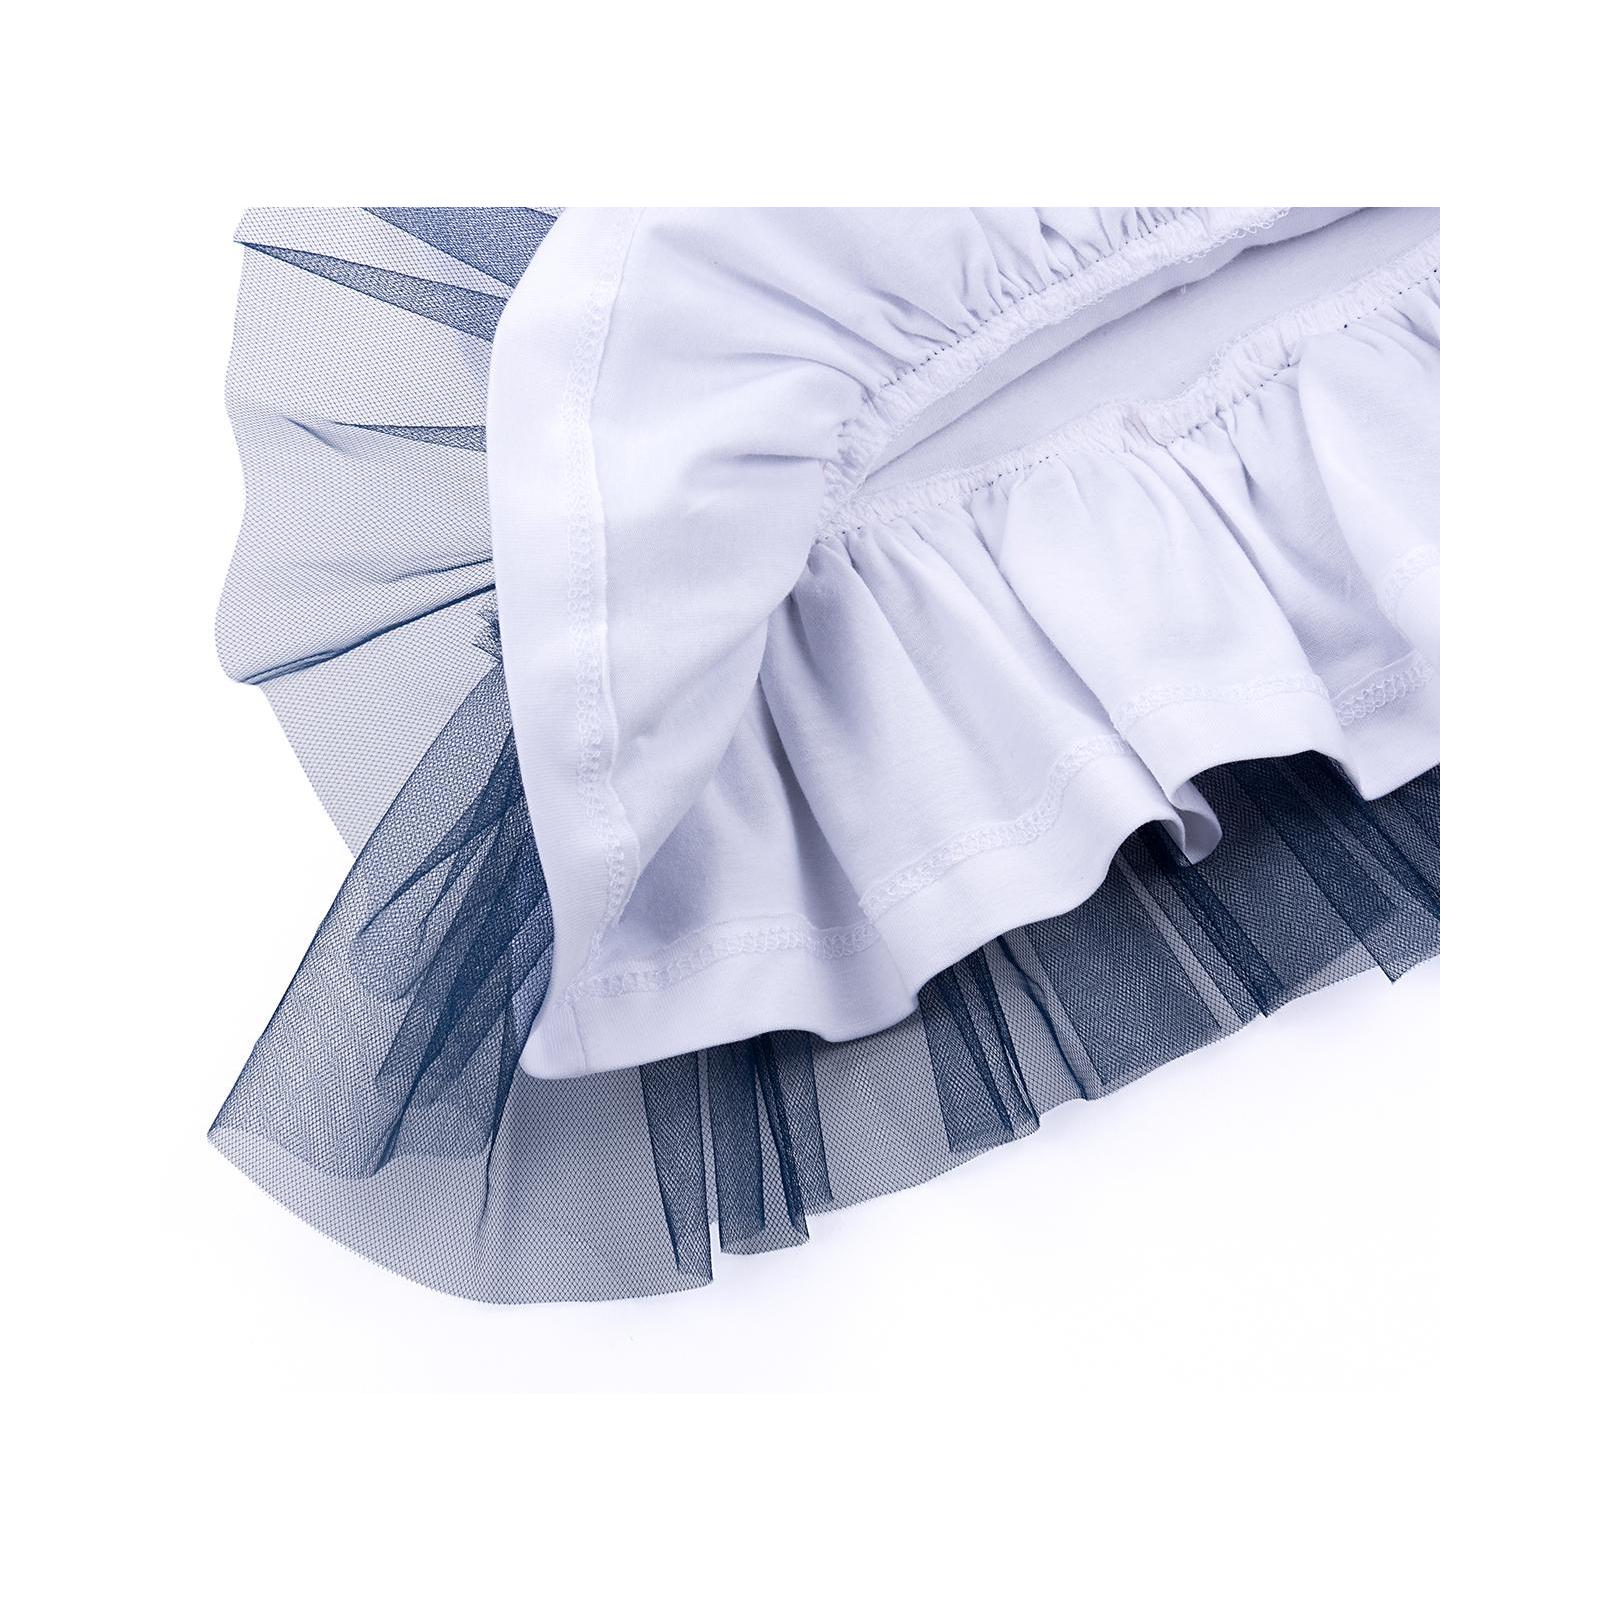 Набор детской одежды Breeze с коронкой (10869-98G-blue) изображение 9